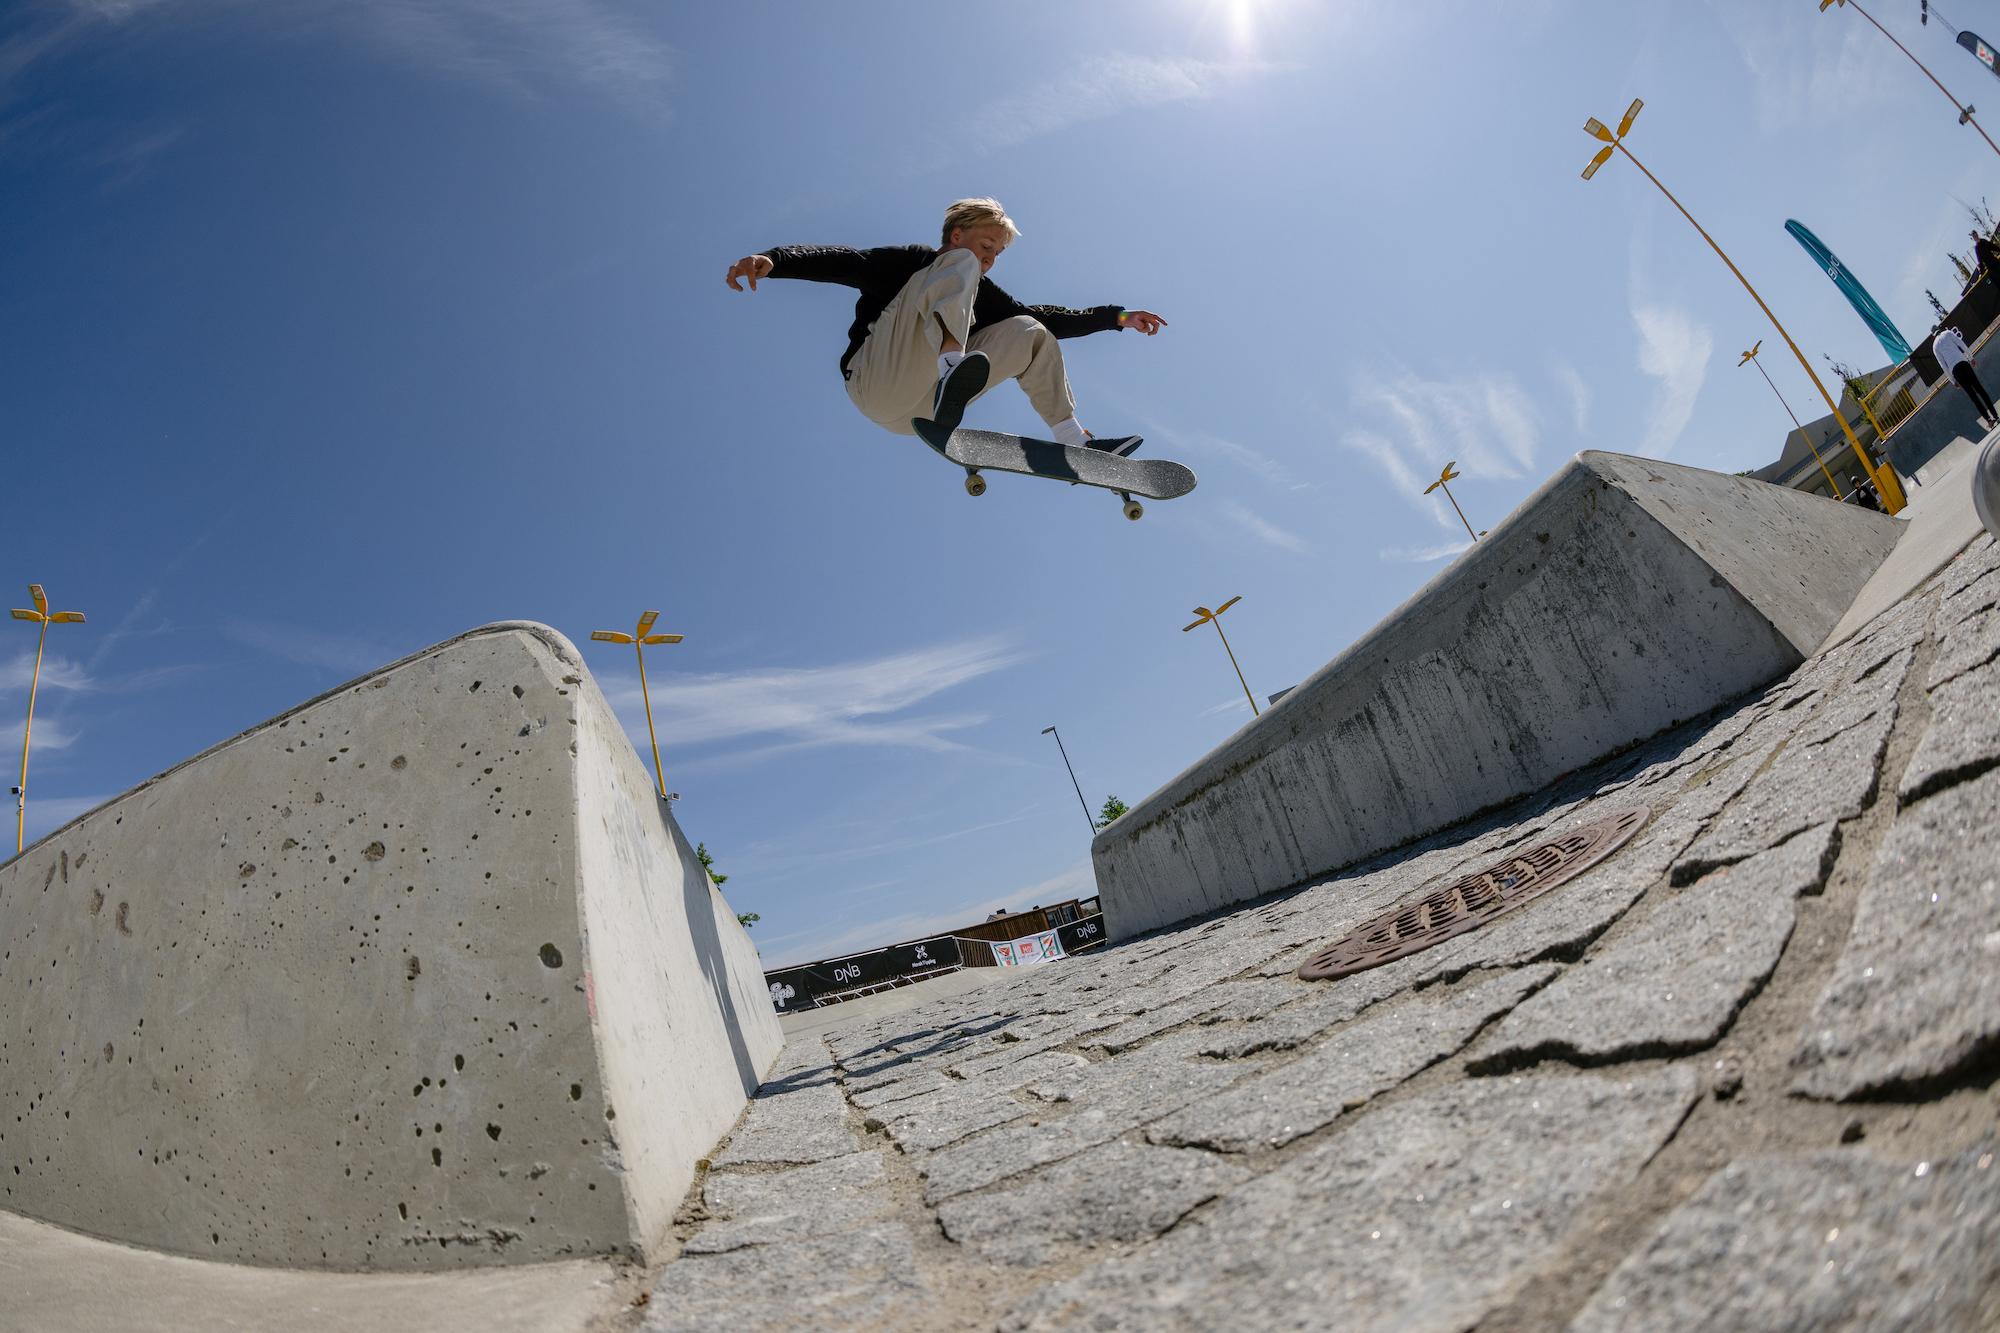 Hvem fortjener å bli nominert til SkateboardAwards i 2021?